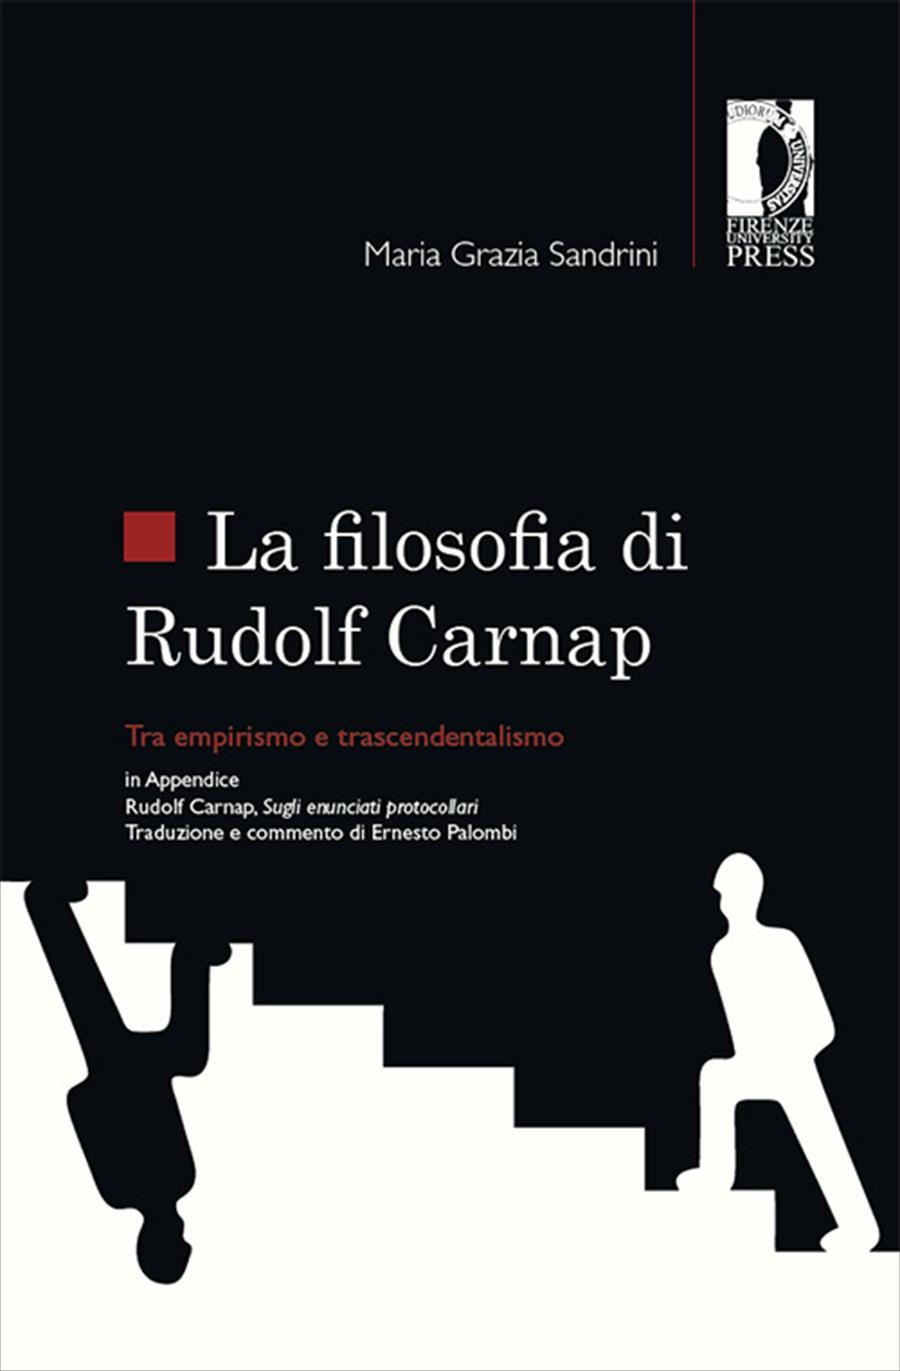 La filosofia di R. Carnap tra empirismo e trascendentalismo